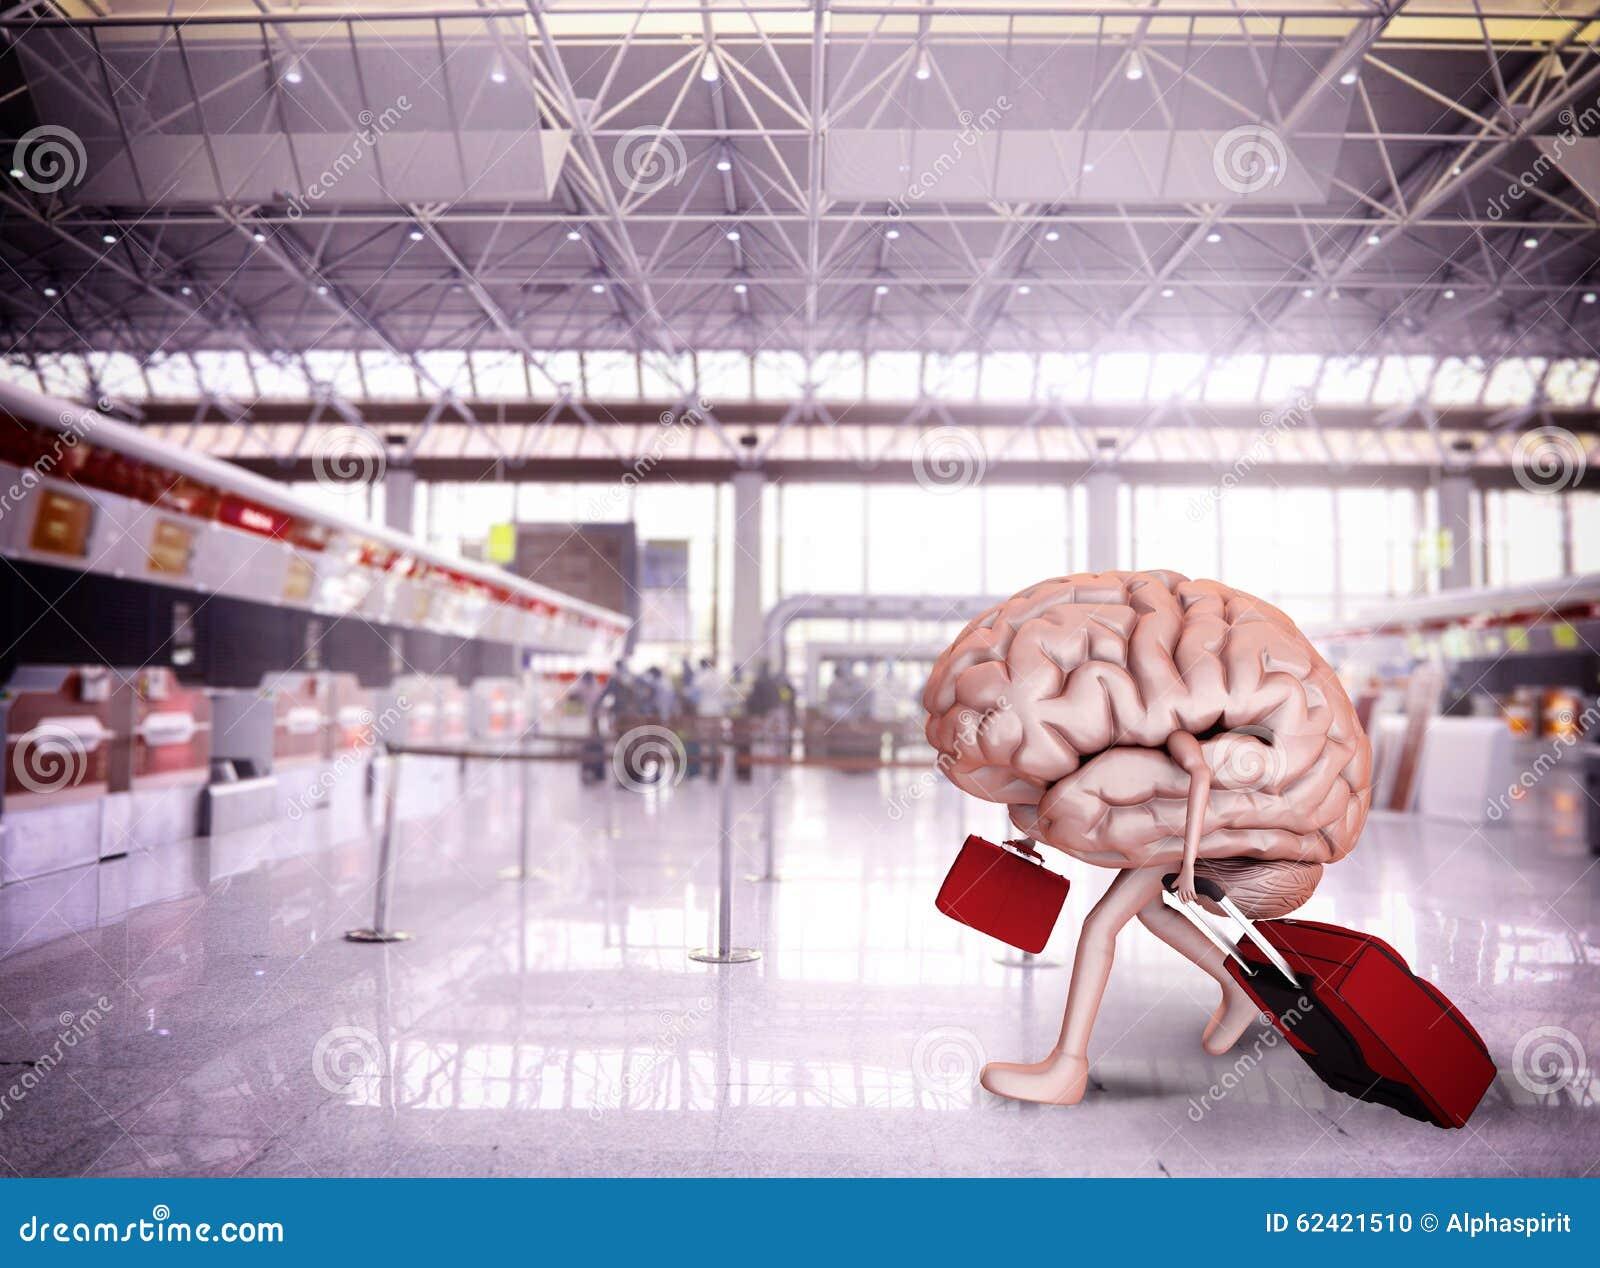 brain escape stock photo